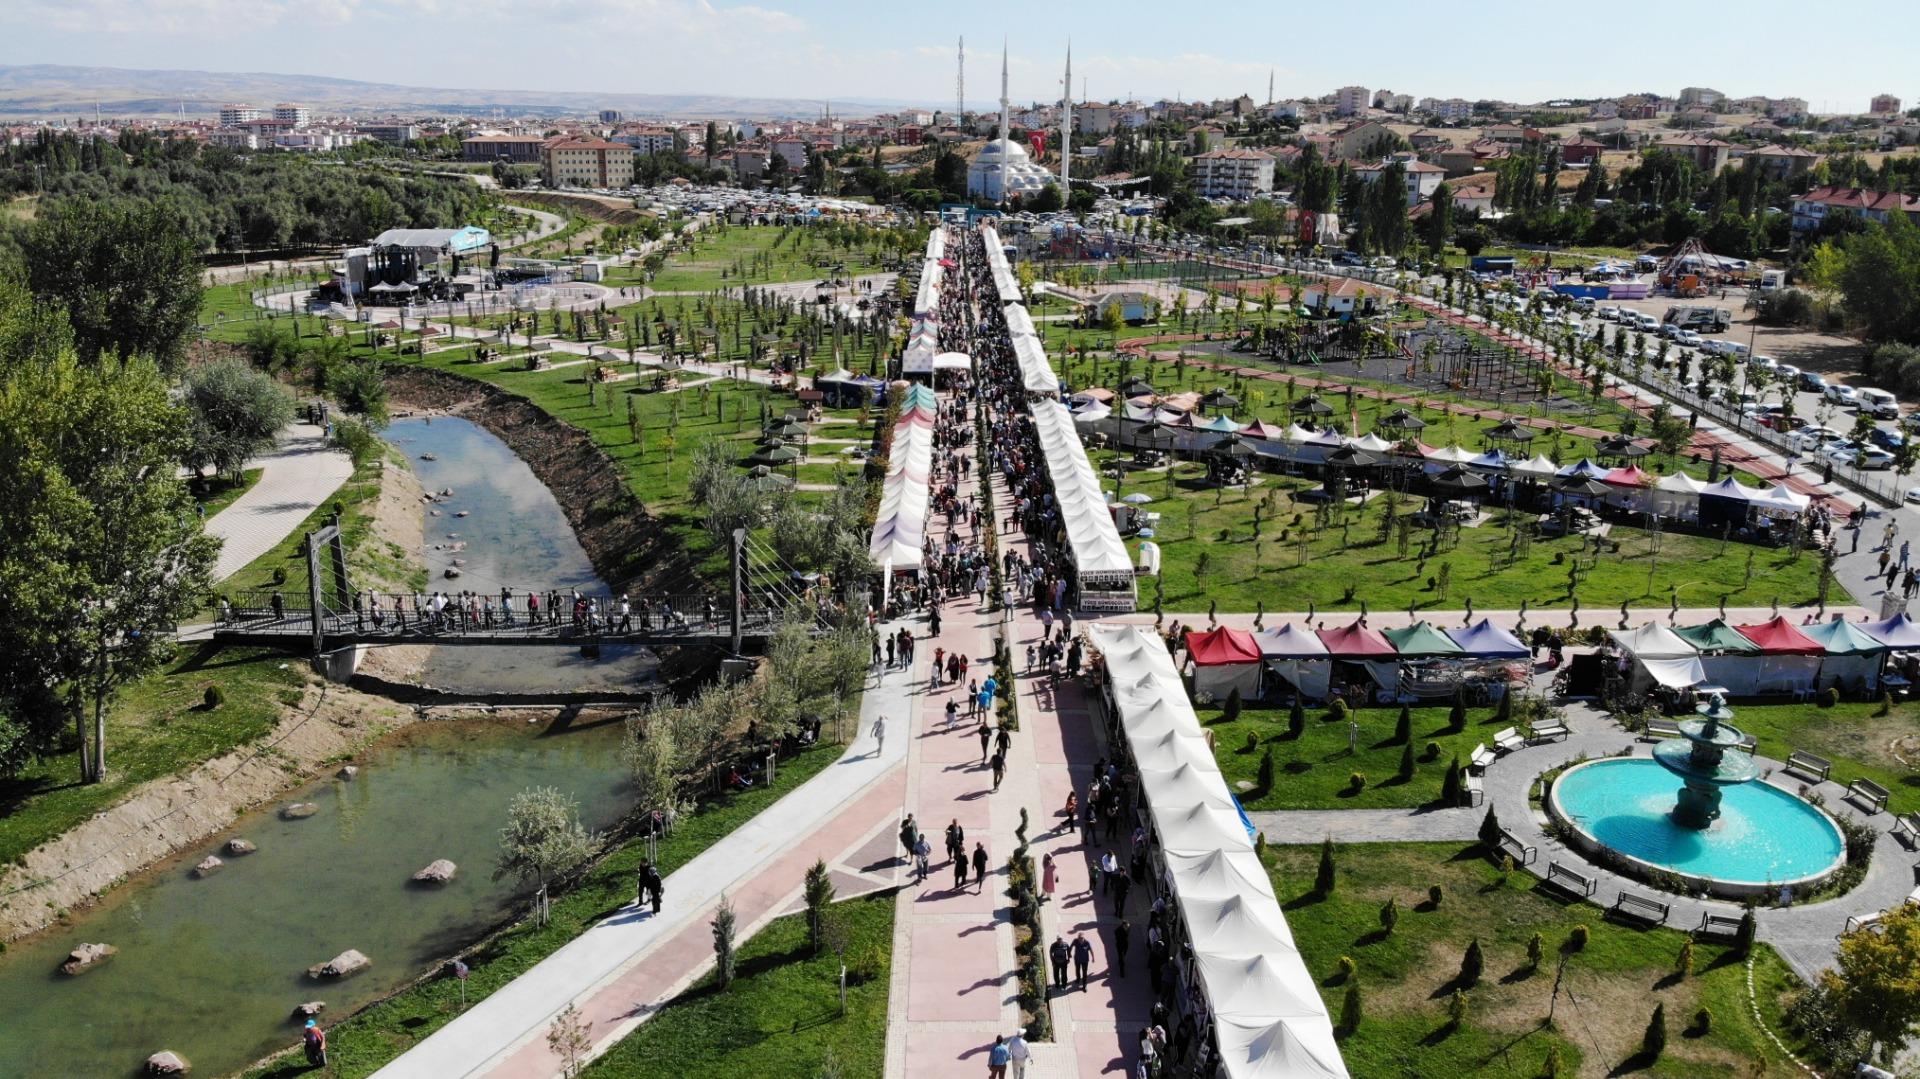 Uluslararası Çubuk Turşu Ve Kültür Festivaline Rektörden Ziyaret